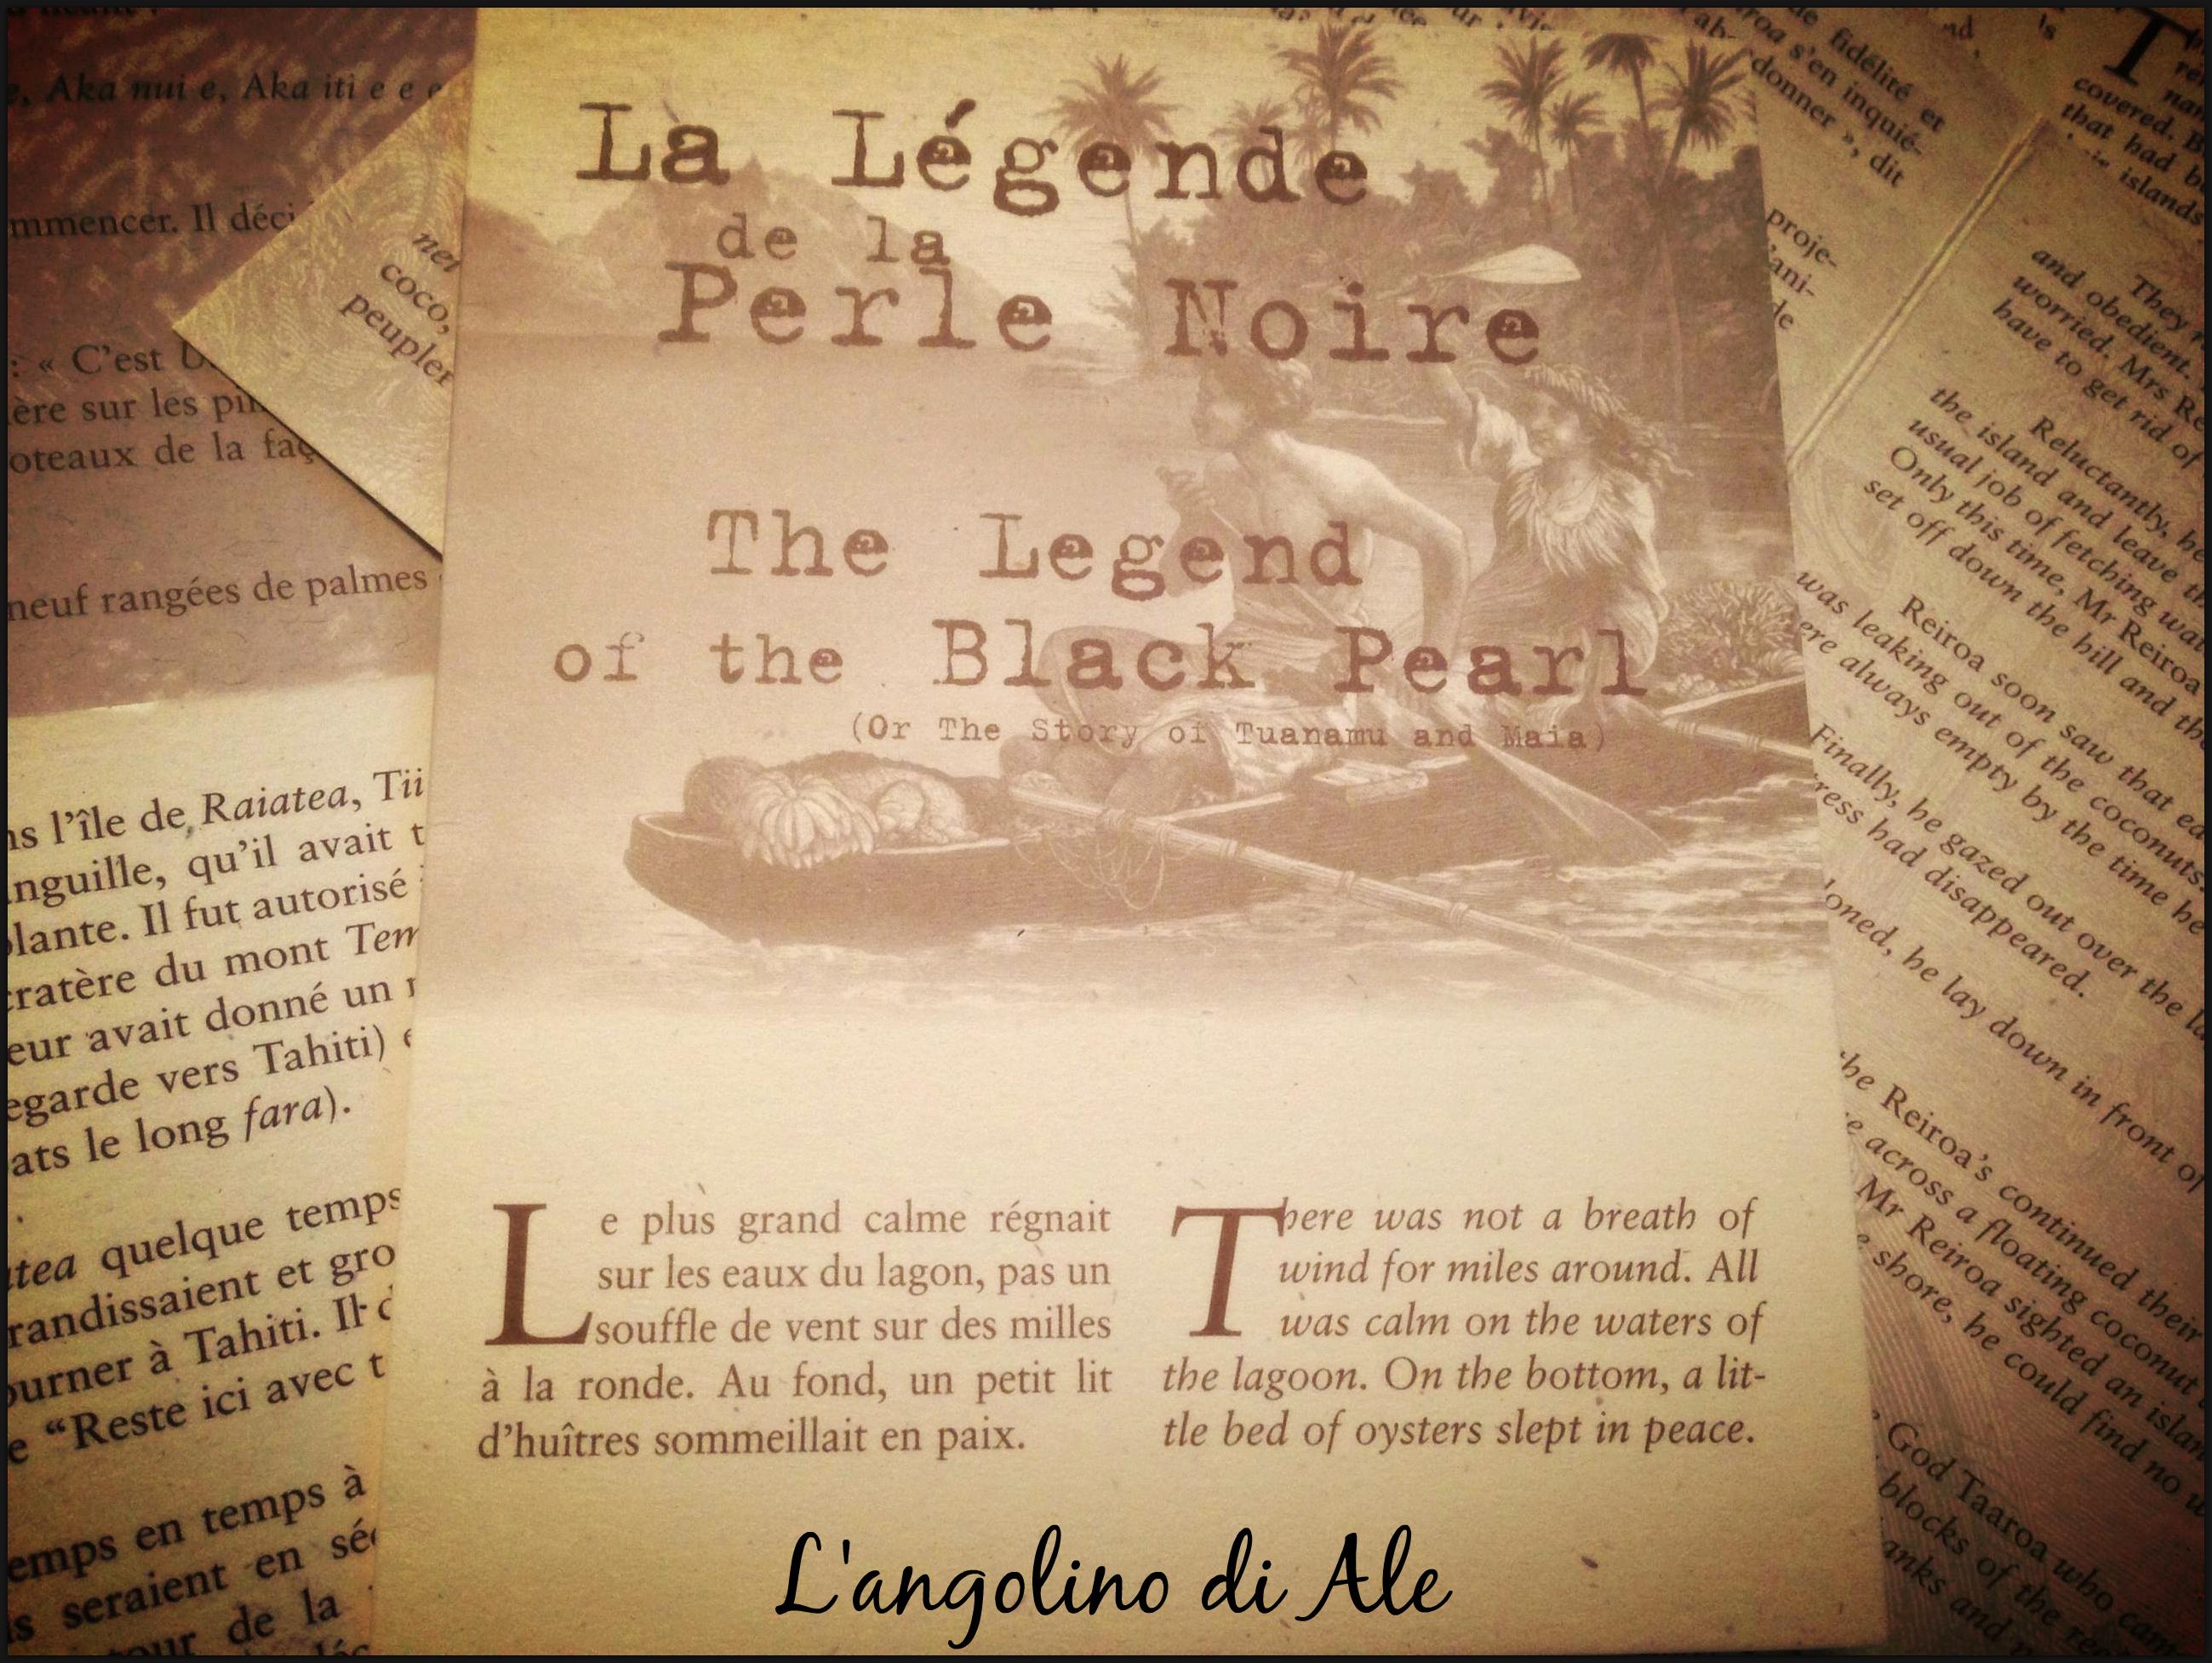 Un anno. Un viaggio. Una leggenda. La Polinesia Francese La leggenda della perla nera